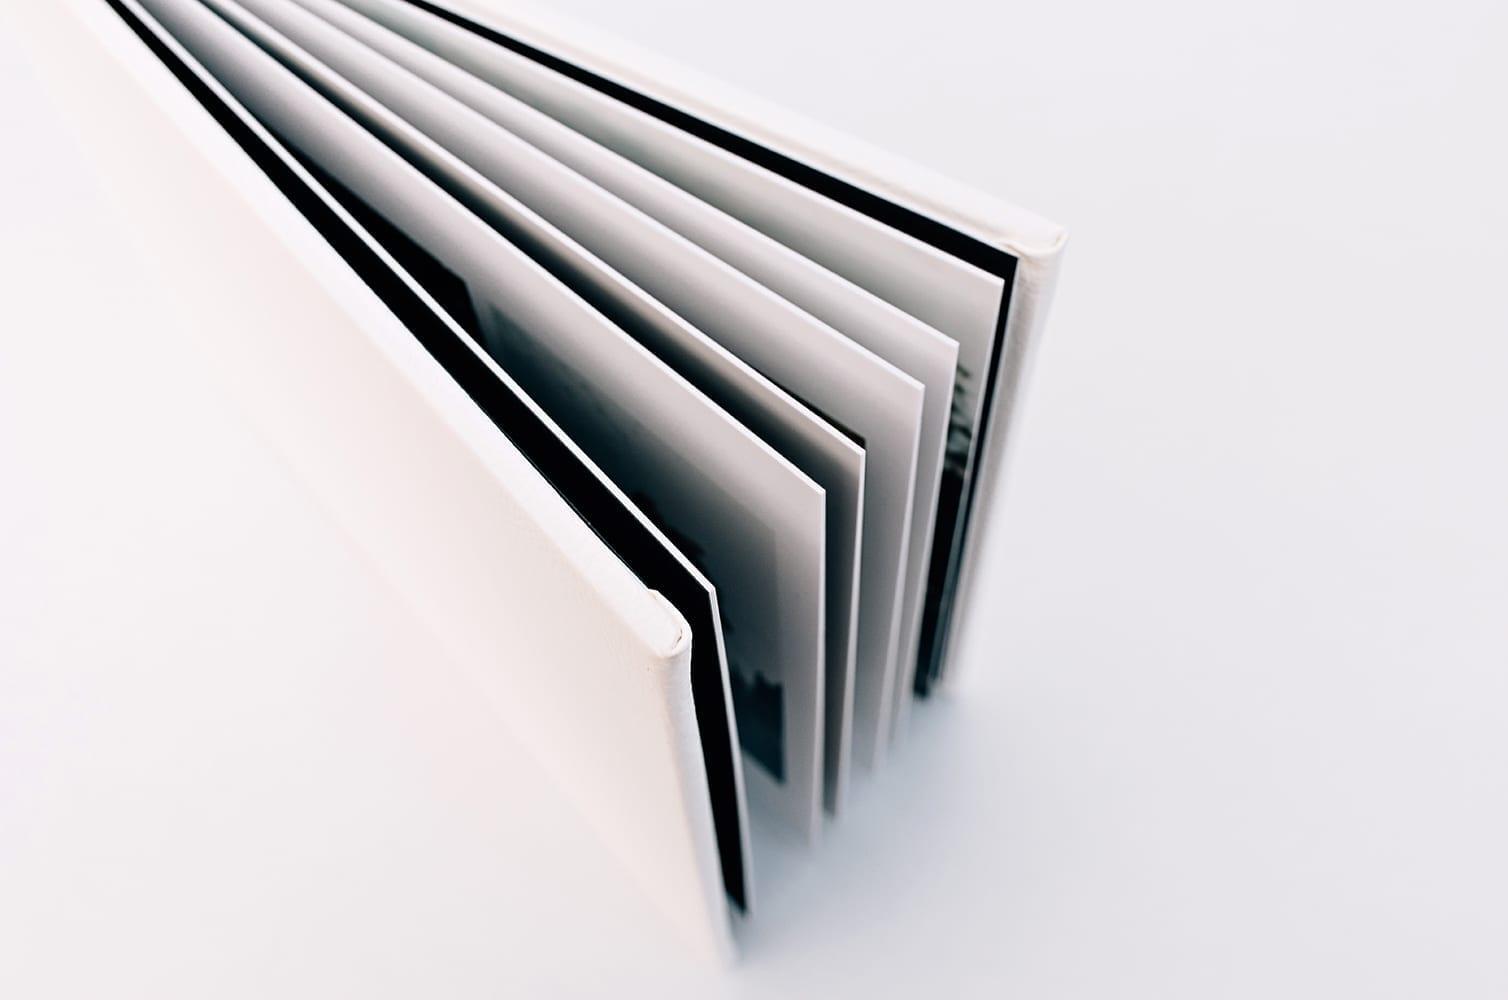 mini album, fotoboek, fotoalbum, picturelyspoken, photo products, fotoproducten, moederdag aanbieding, fotosessie